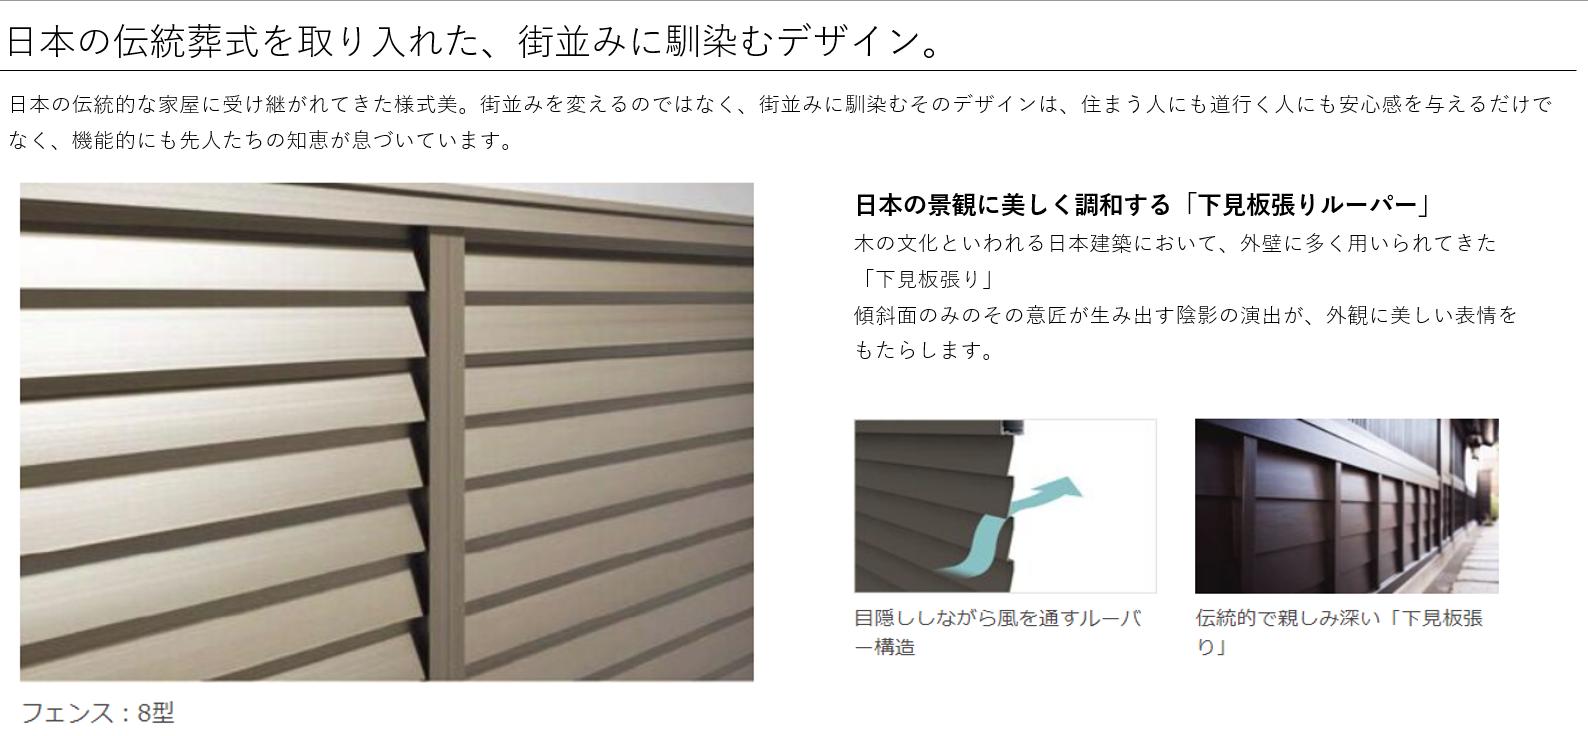 日本の伝統様式を取り入れた、街並みに馴染むデザイン。 日本の伝統的な家屋に受け継がれてきた様式美。街並みを変えるのではなく、街並みに馴染むそのデザインは、住まう人にも道行く人にも安心感を与えるだけでなく、機能的にも先人たちの知恵が息づいています。 フェンス:8型 日本の景観に美しく調和する「下見板張りルーパー」 木の文化といわれる日本建築において、外壁に多く用いられてきた「下見板張り」 傾斜面のみのその意匠が生み出す陰影の演出が、外観に美しい表情をもたらします。 目隠ししながら風を通すルーパー構造 伝統的で親しみ深い「下見板張り」